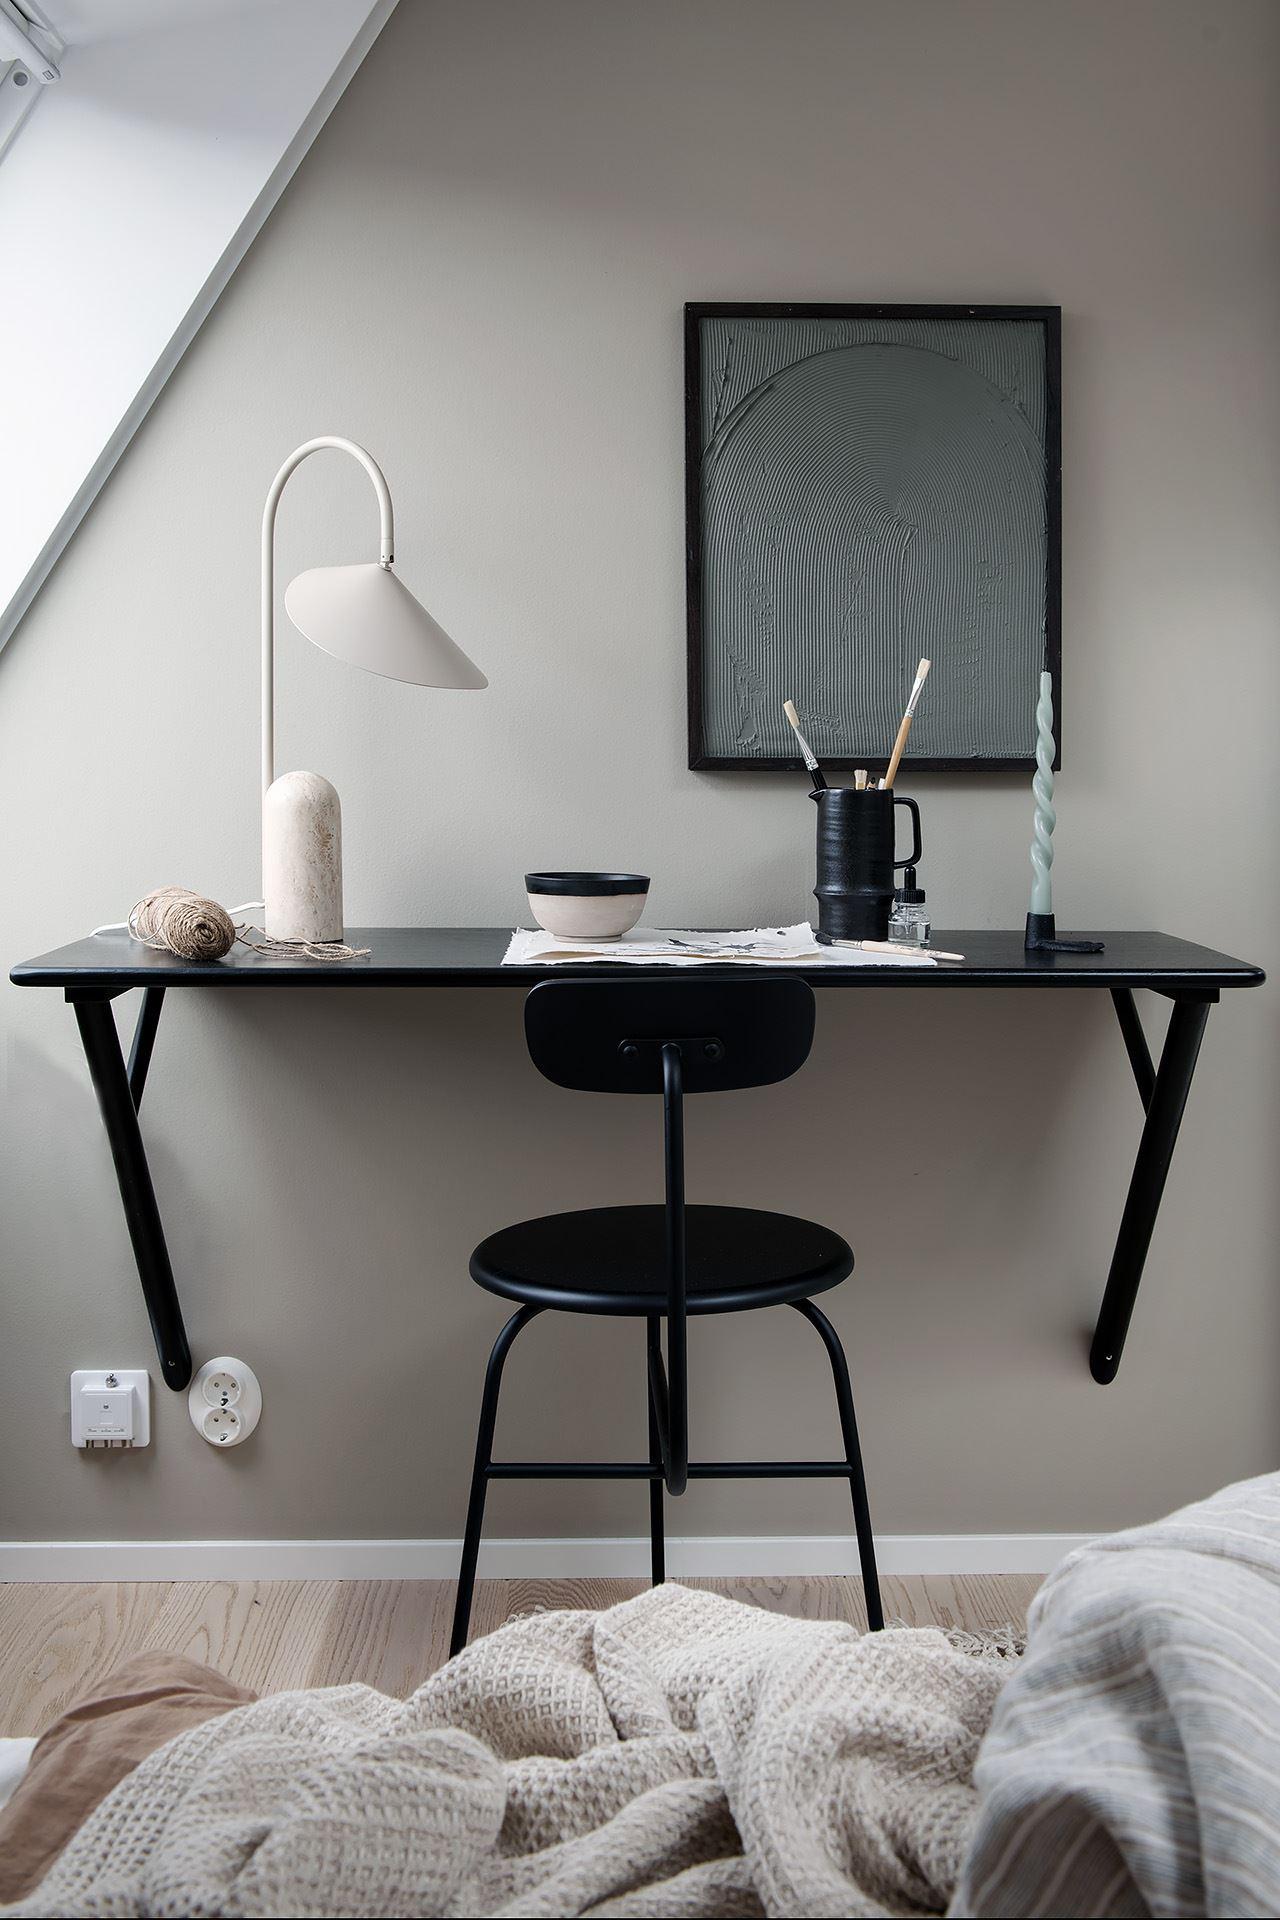 5_pequenos_arreglos_mejorar_aspecto_casa_decoración_interiores_soluciones_decorativas-05